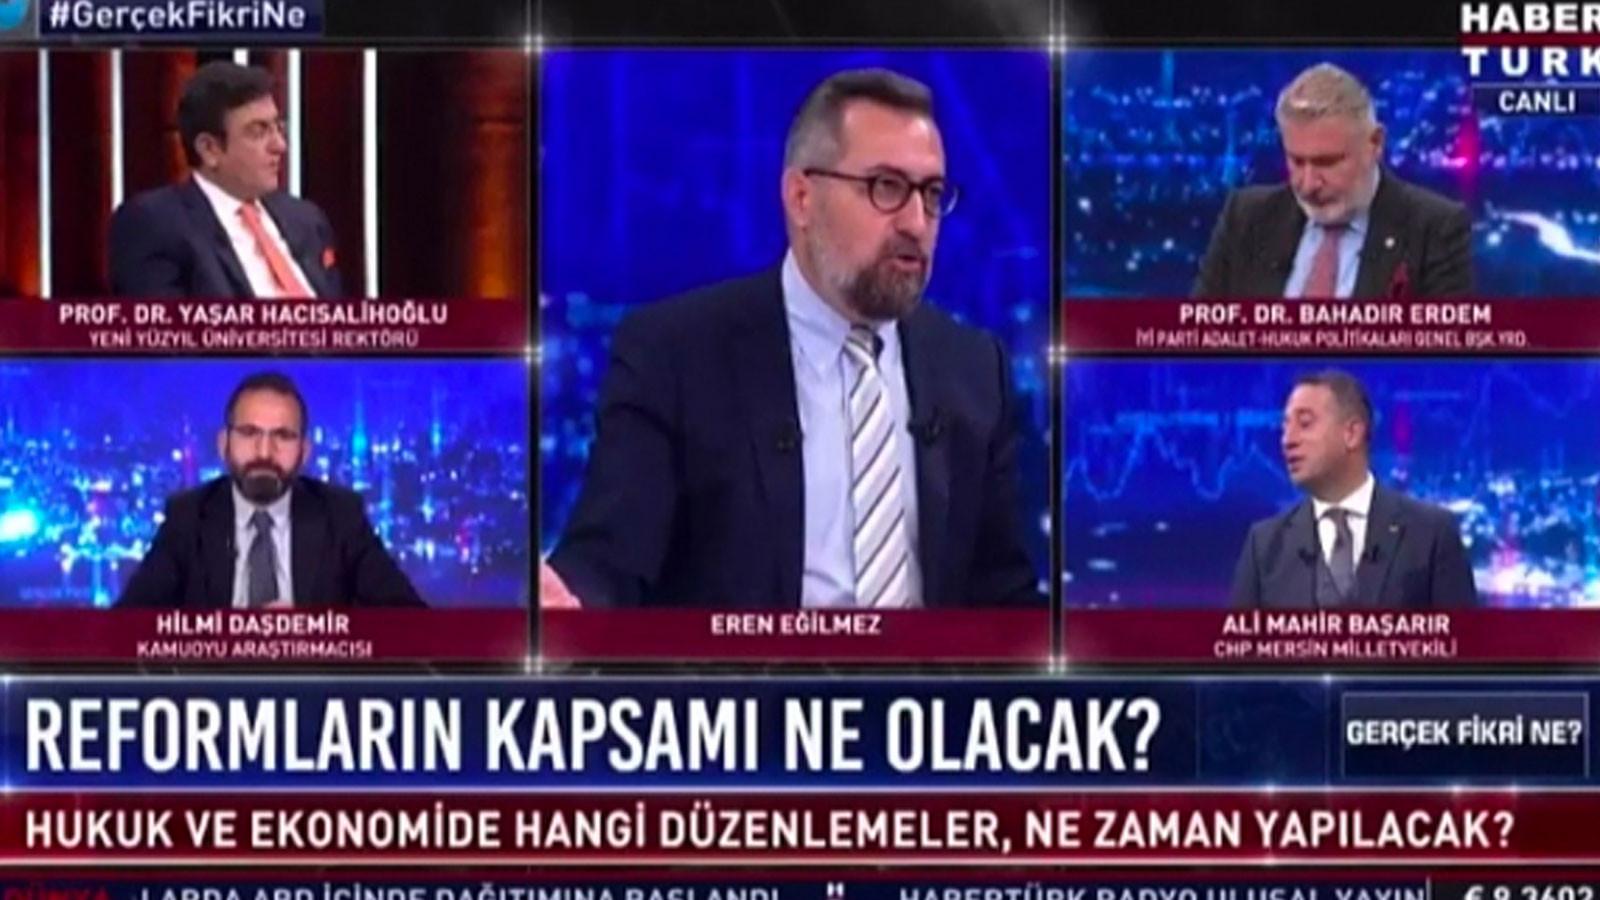 RTÜK'ten Habertürk'e büyük ceza